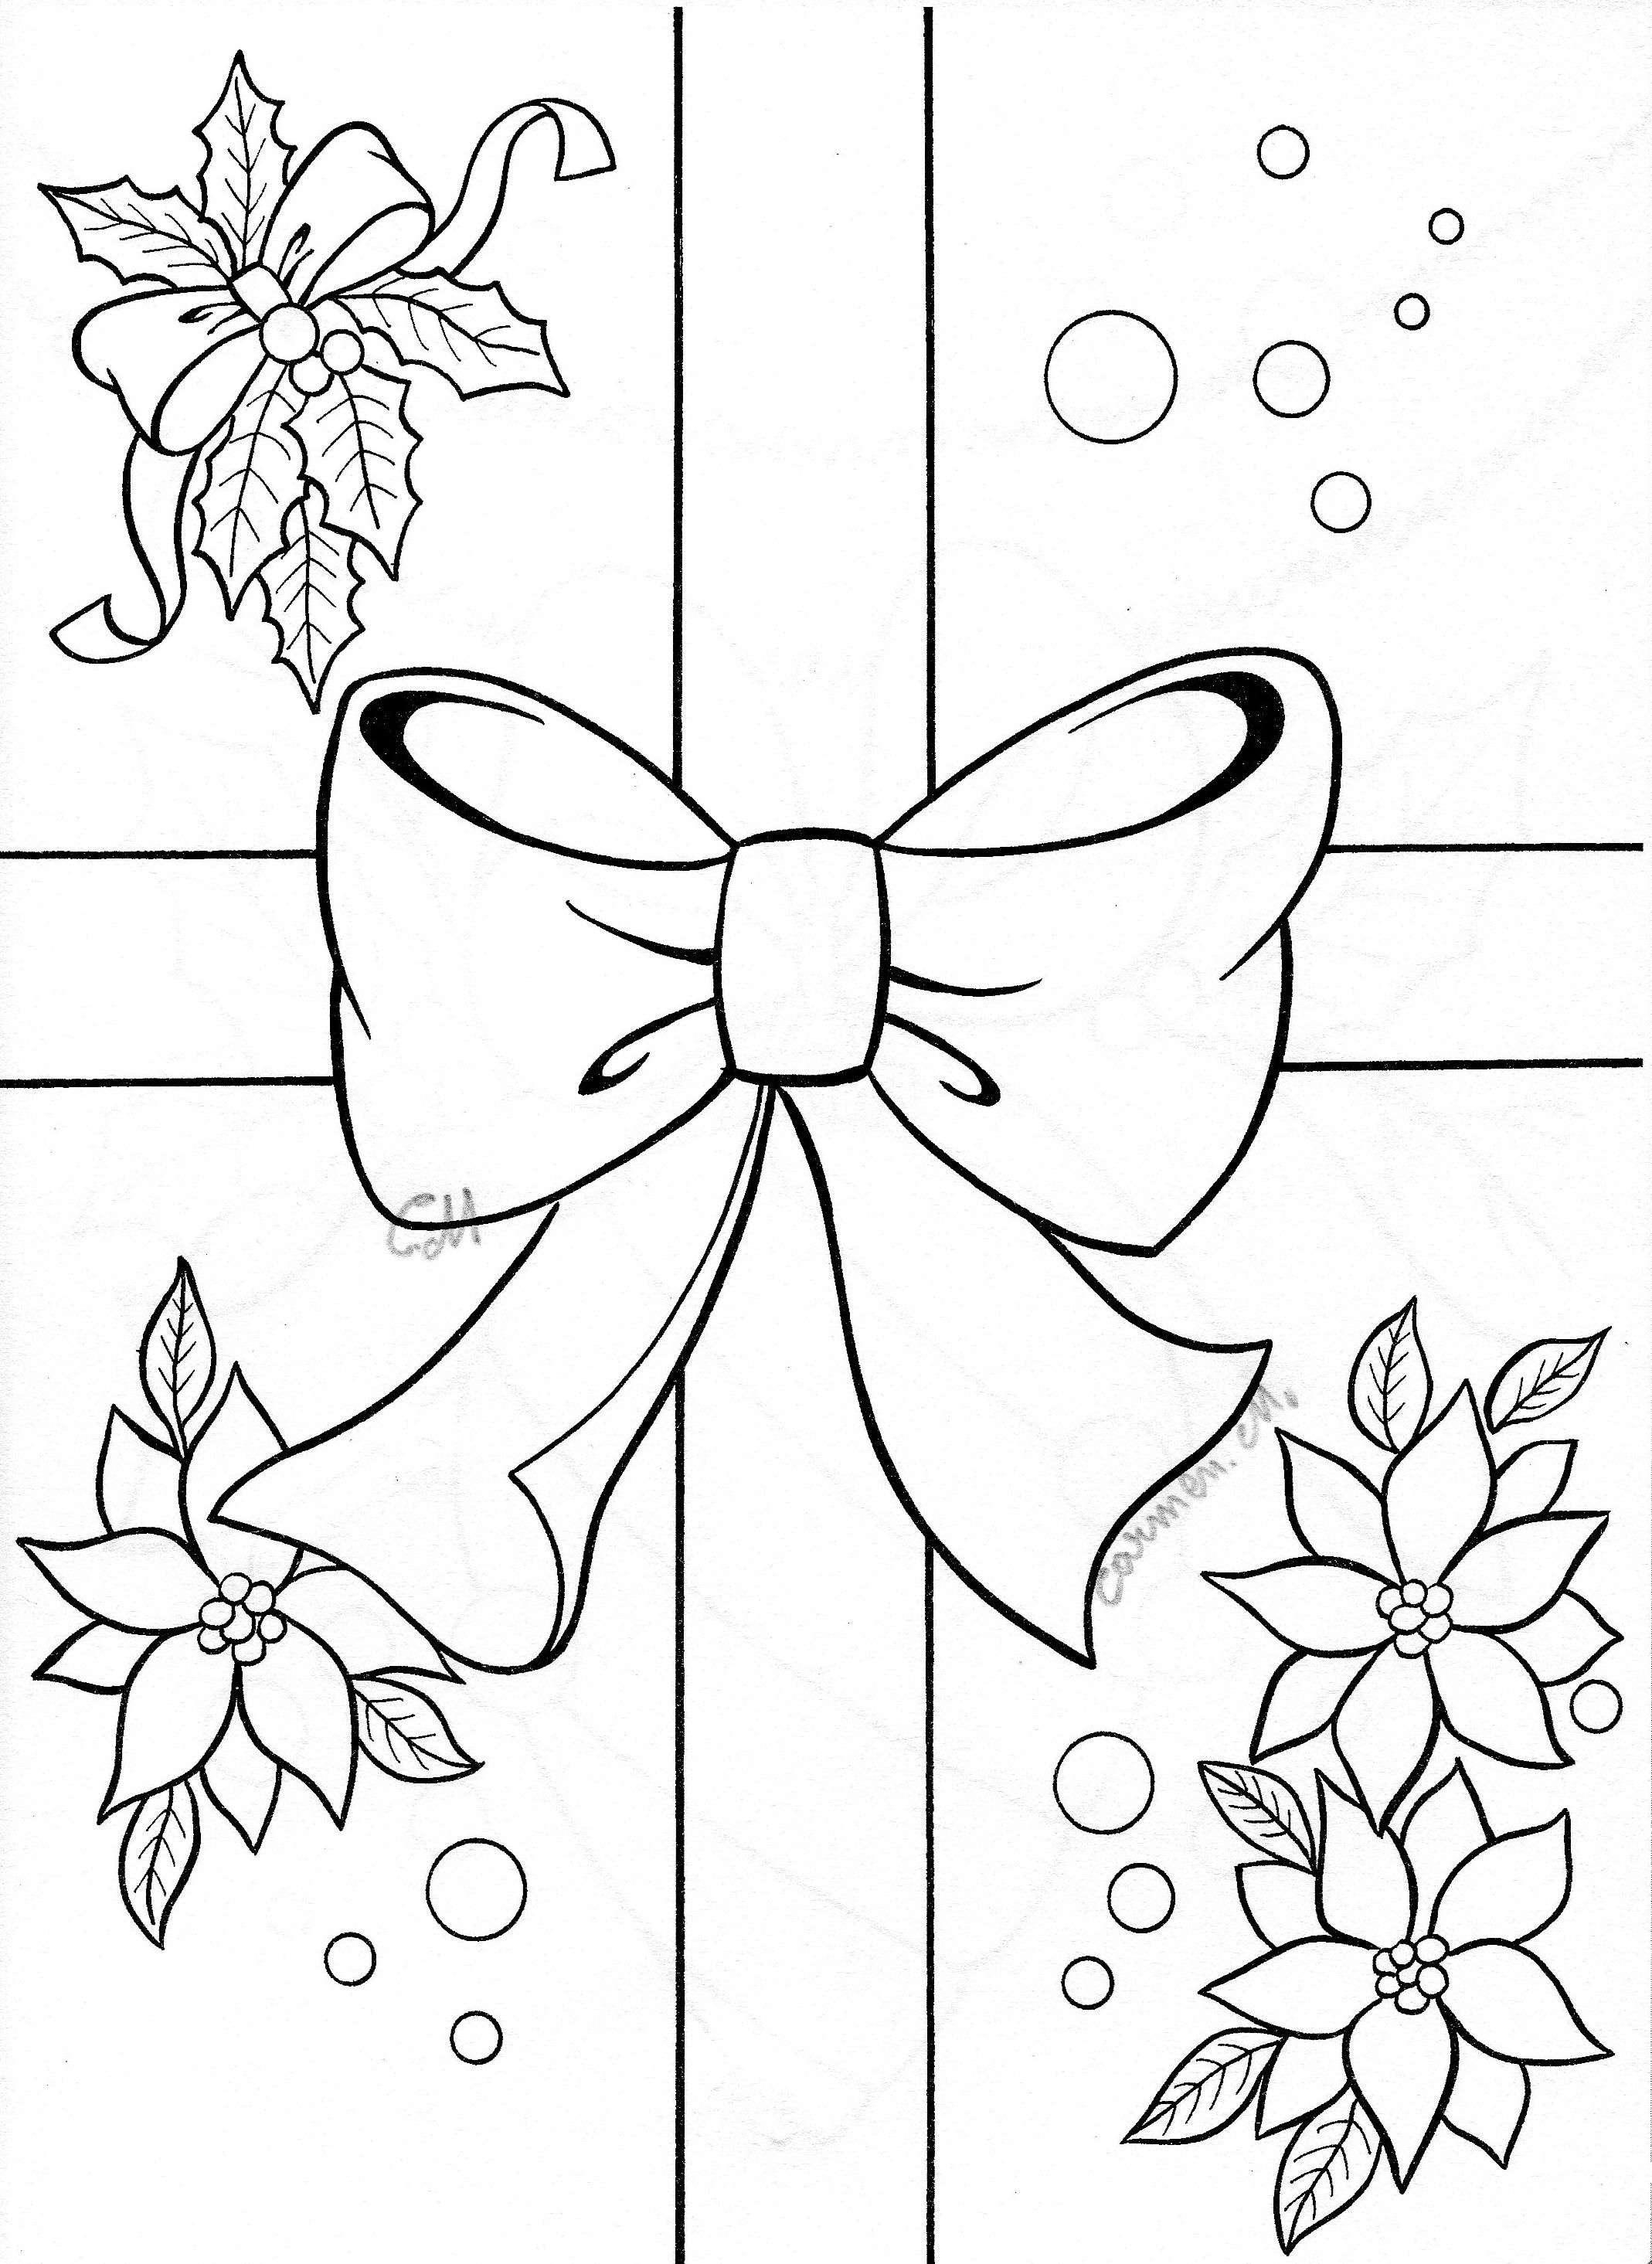 kerstversiering | plantillas | Pinterest | Pergamino, Colorear y Navidad